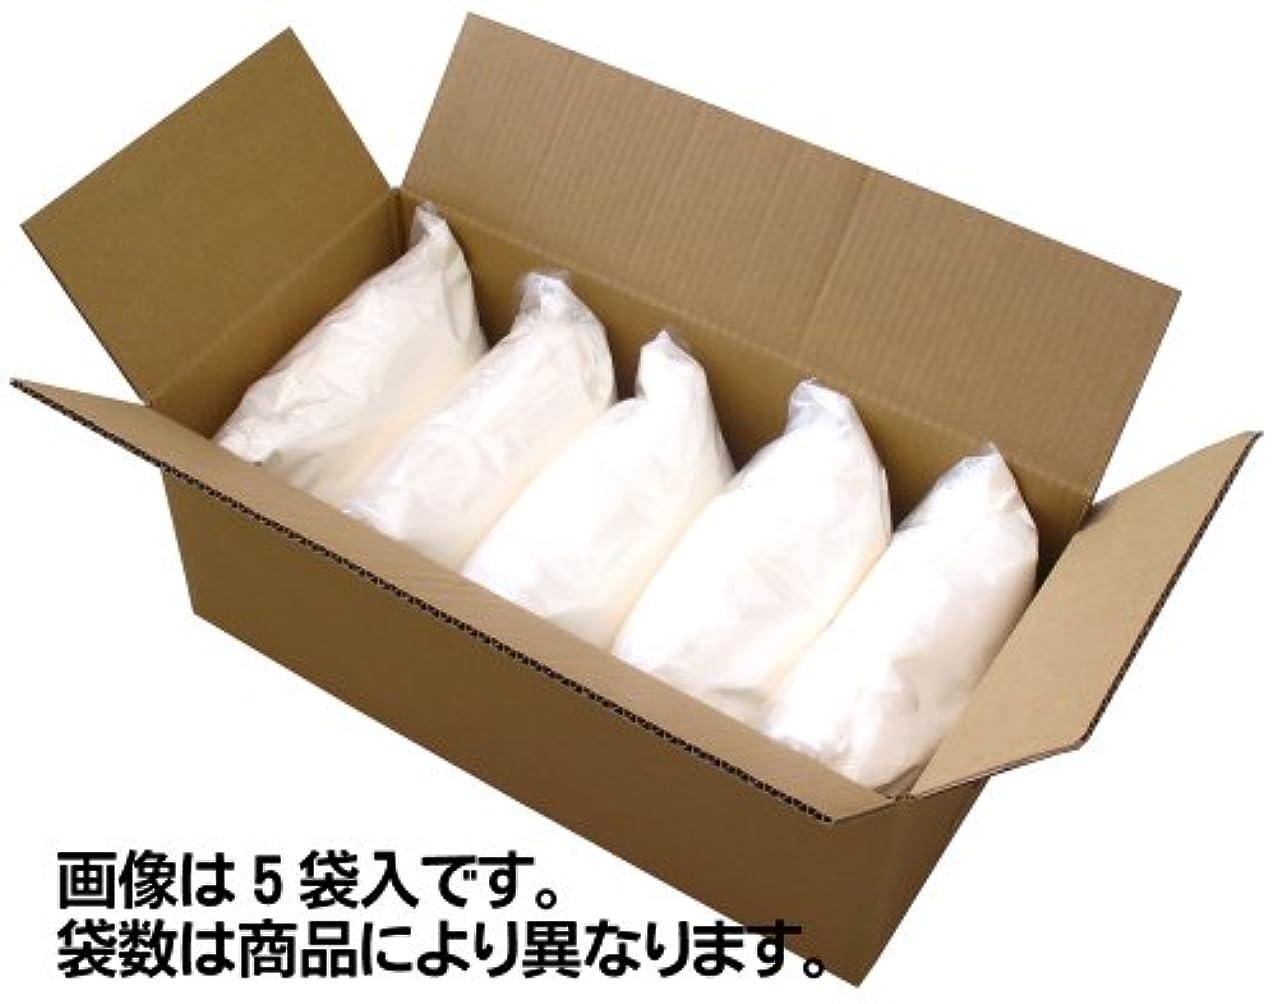 アラブ人秋超高層ビル業務用 難消化性デキストリン4kg×1袋 水溶性食物繊維約85%